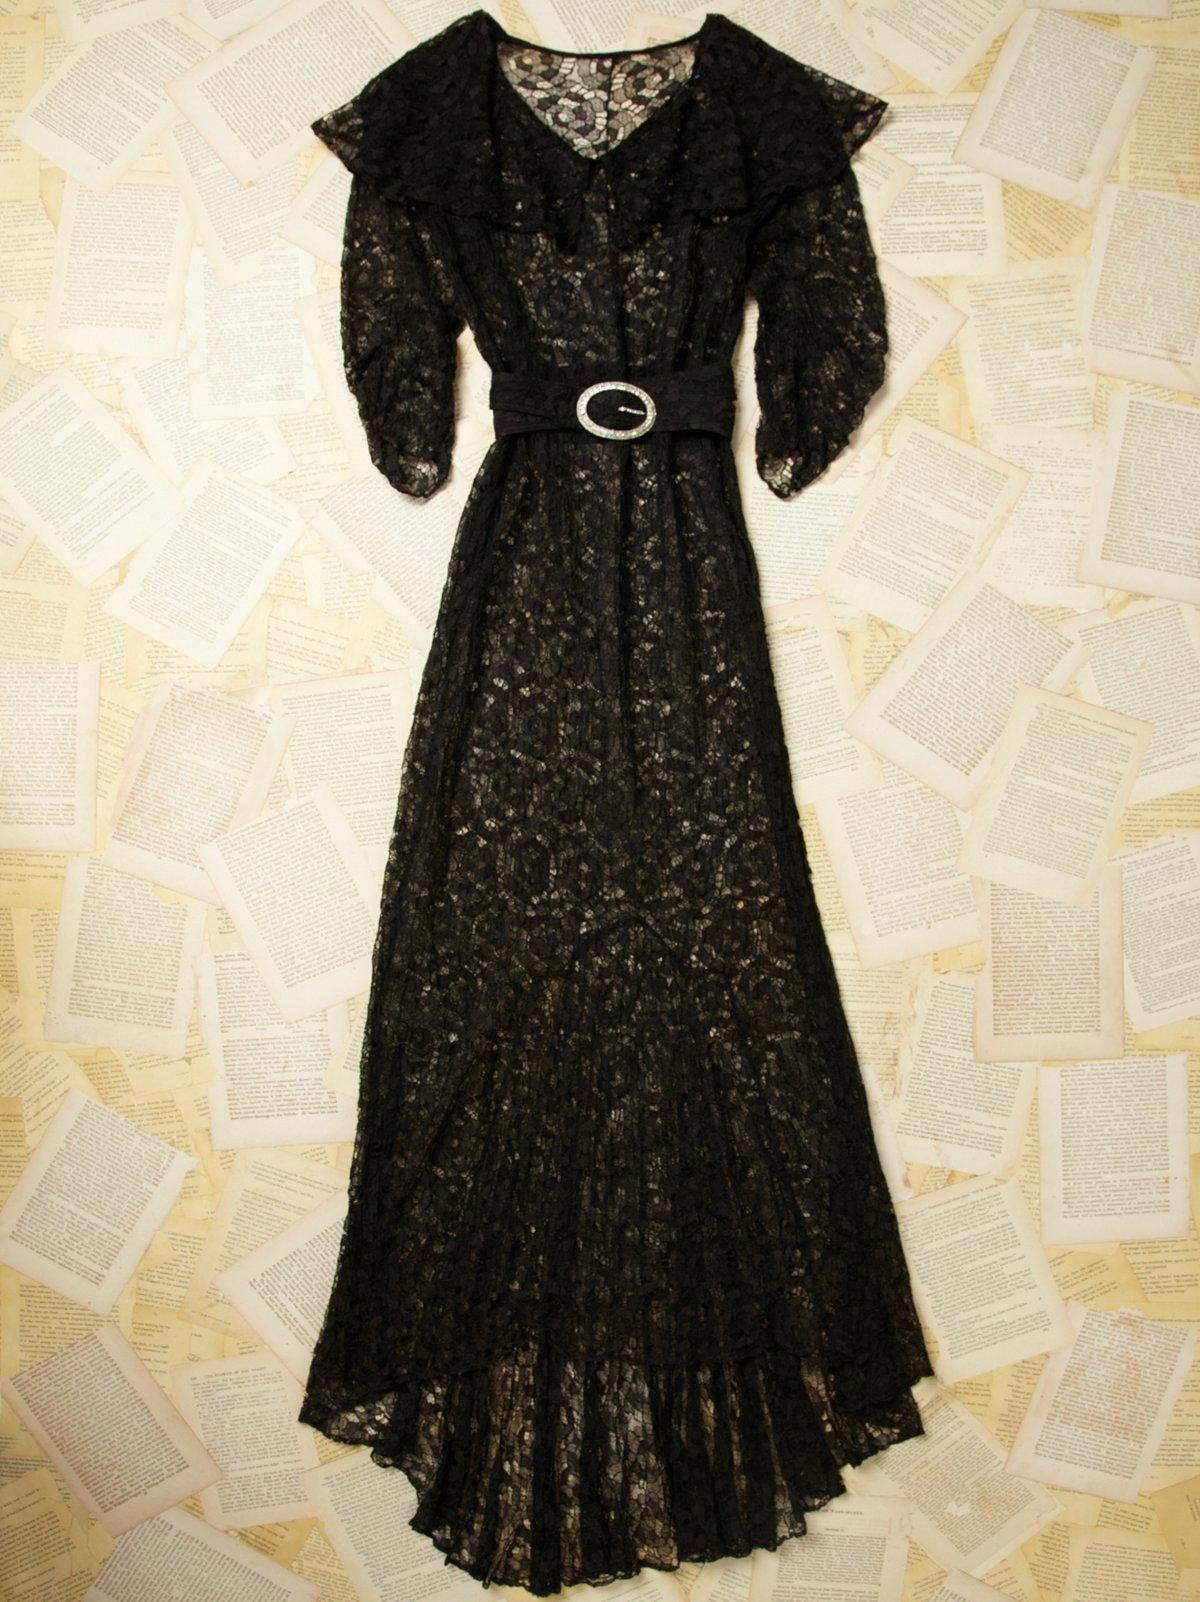 Vintage Sheer Lace Dress